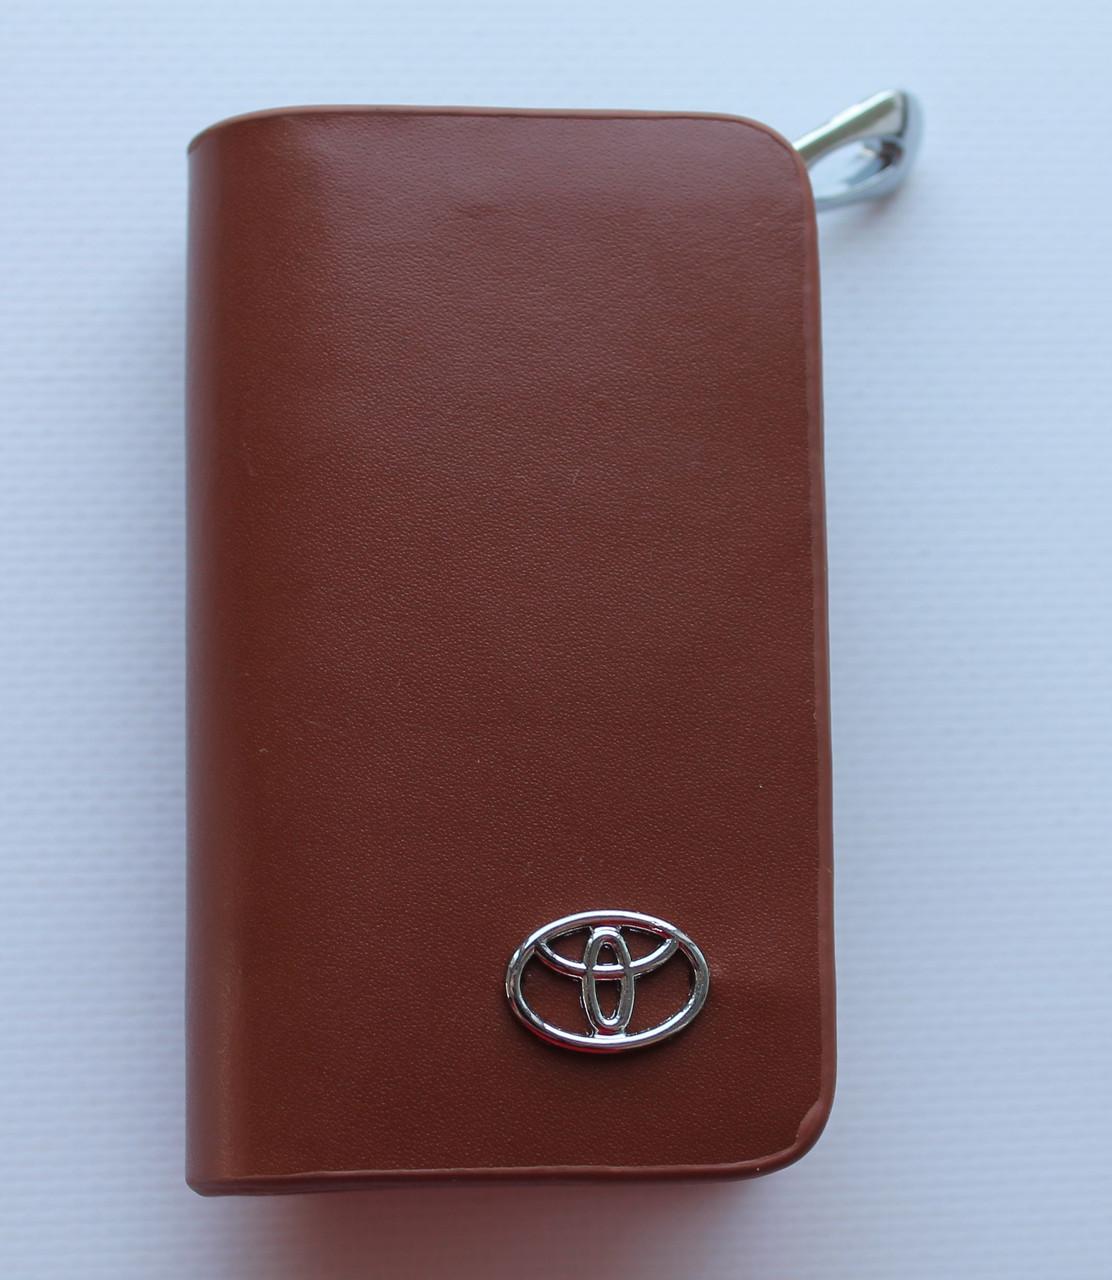 Ключниця для авто TOYOTA KeyHolder